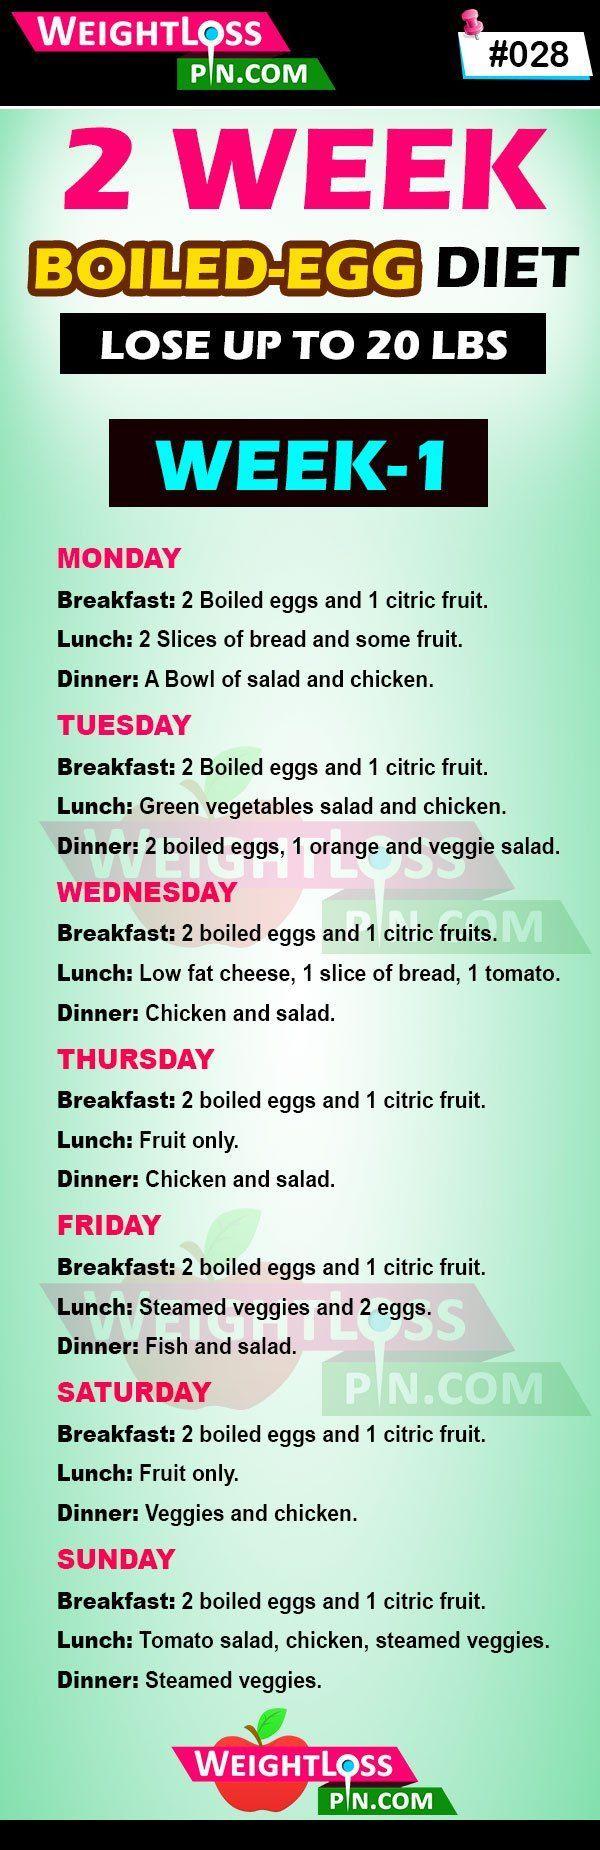 pierdere în greutate sw prima săptămână